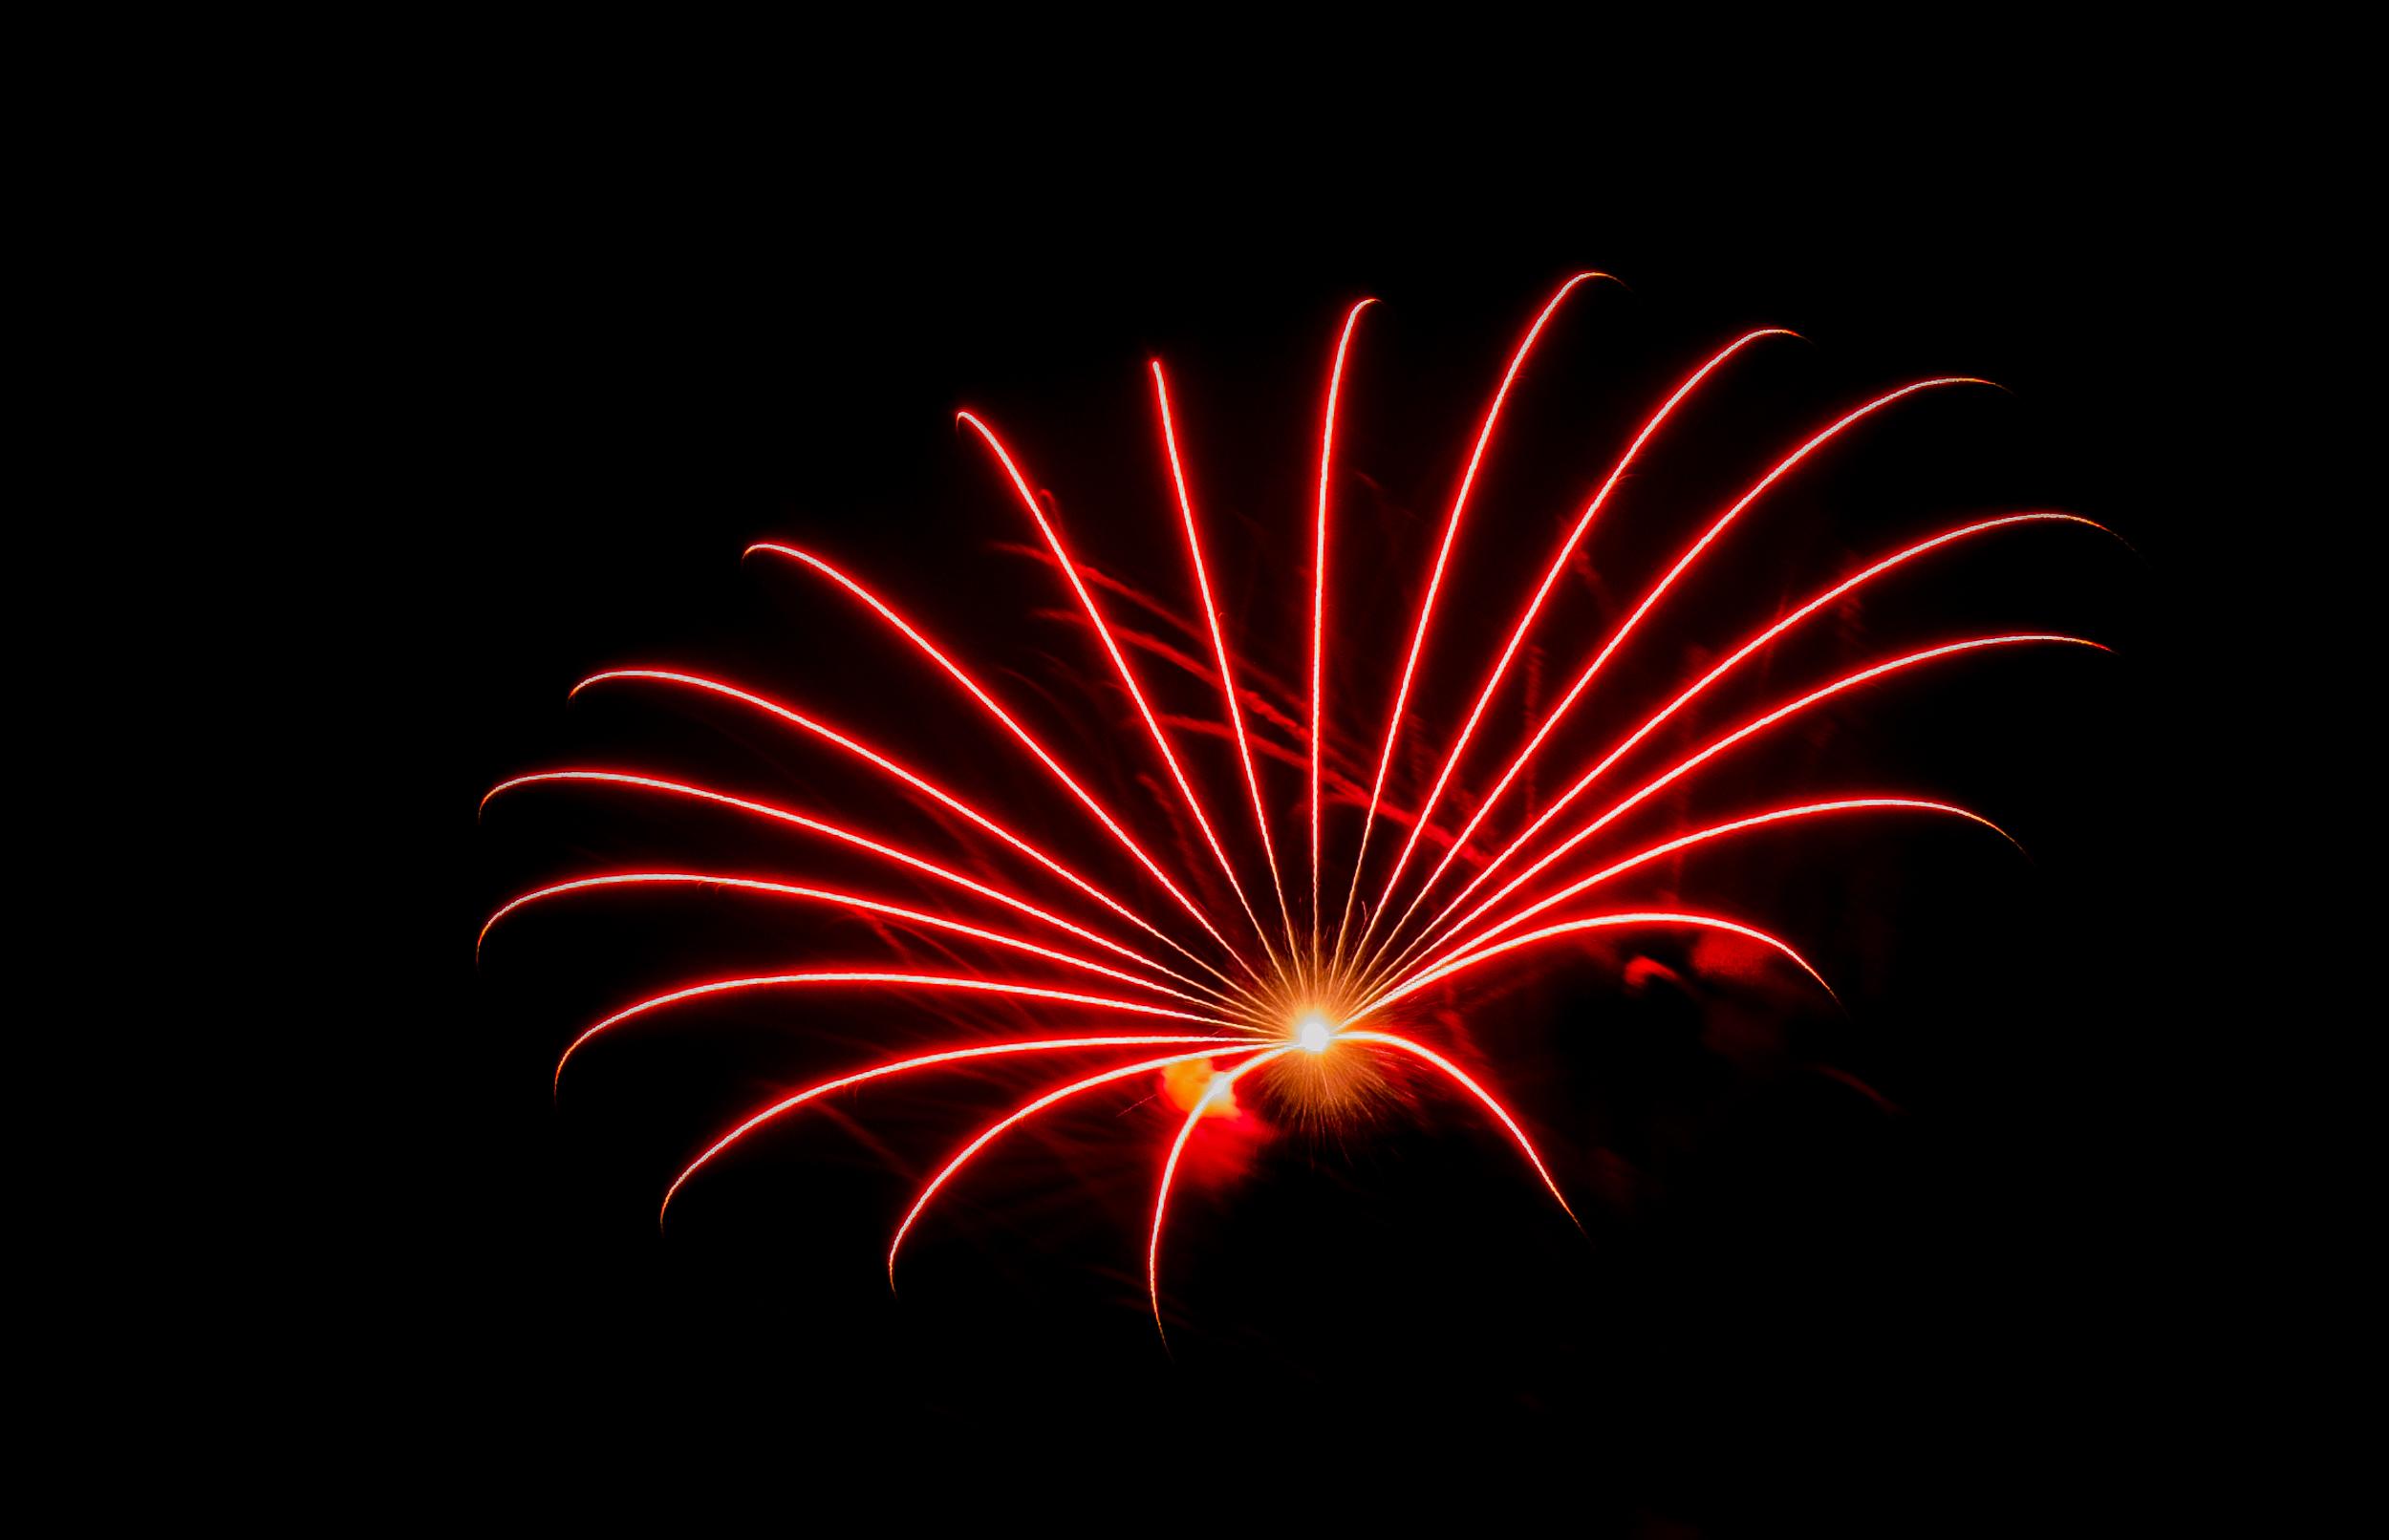 Fireworks Bloom  Nikon D7000 ISO 400 f/10 38mm 3 sec.